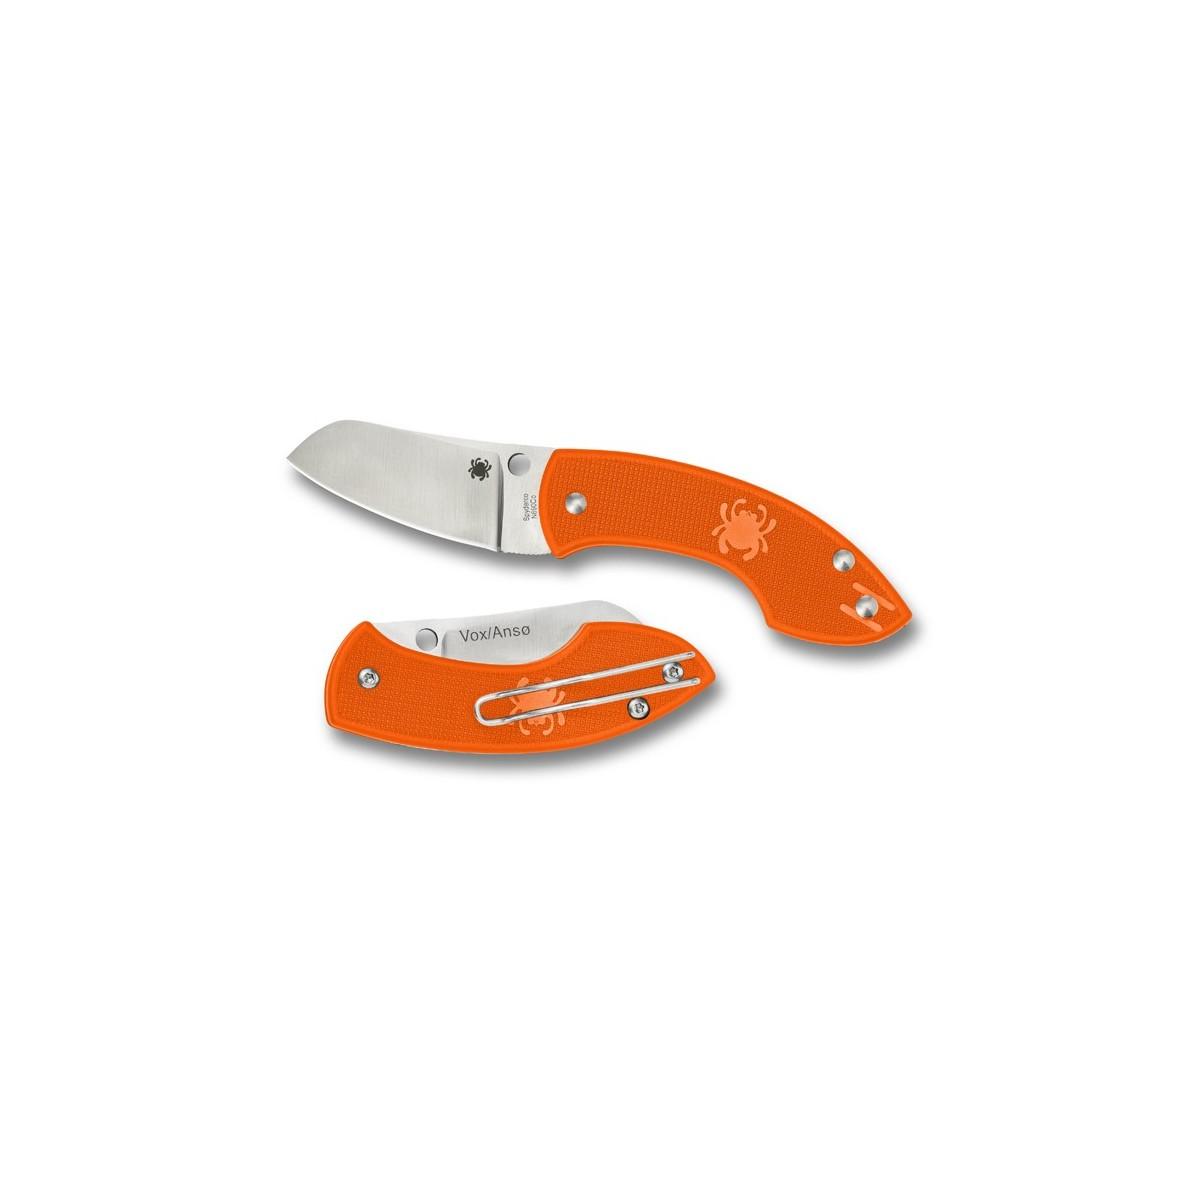 """มีดพับ Spyderco C163POR Pingo Folding Knife 2.35"""" Plain N690CO Blade, Orange FRN Handles"""